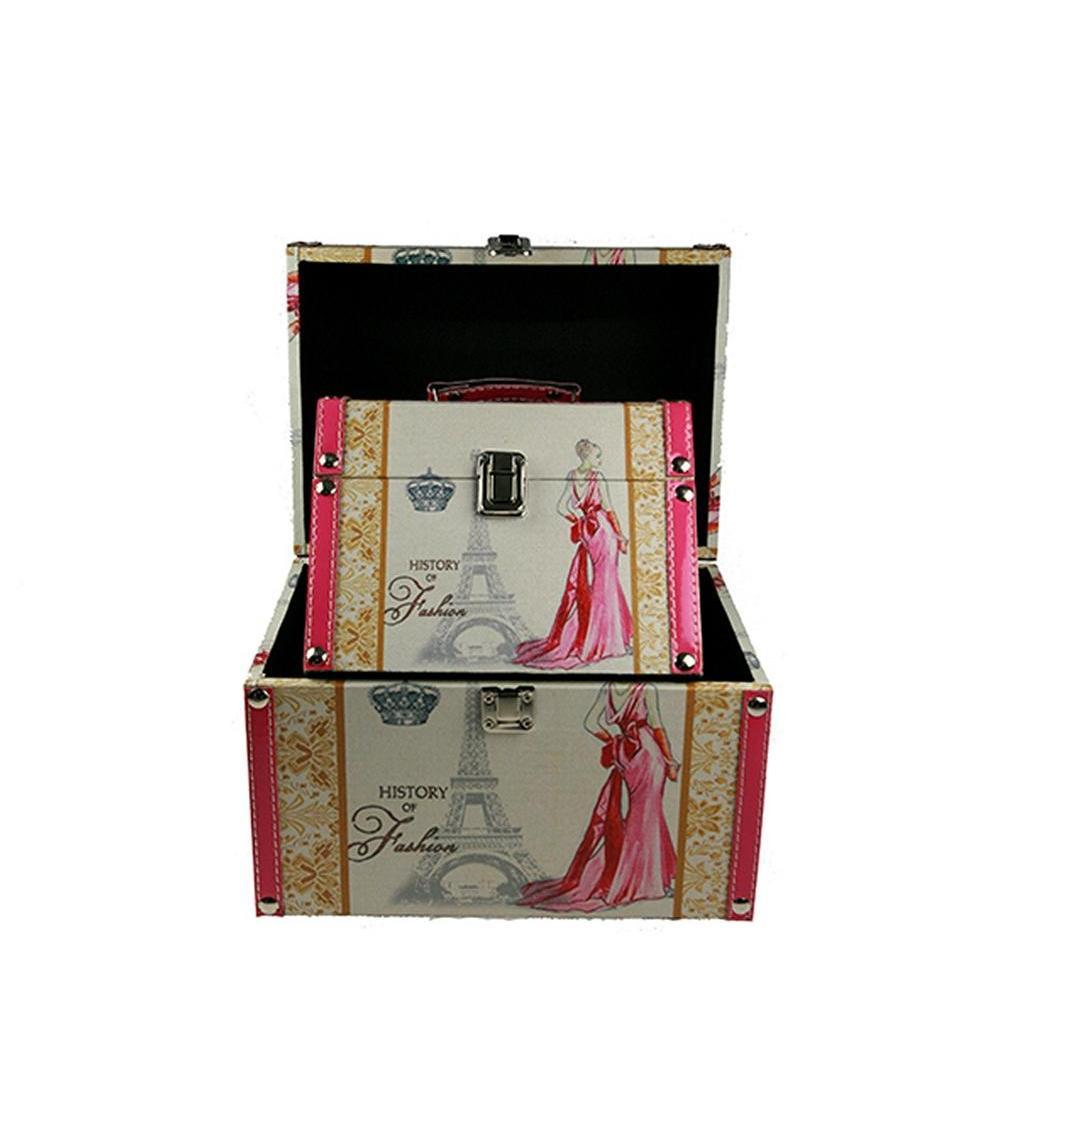 Набор сундучков Roura Decoracion, 2 шт, 27х19х22 см. 34789 набор сундучков roura decoracion 27 х 14 х 10 см 2 шт 34554